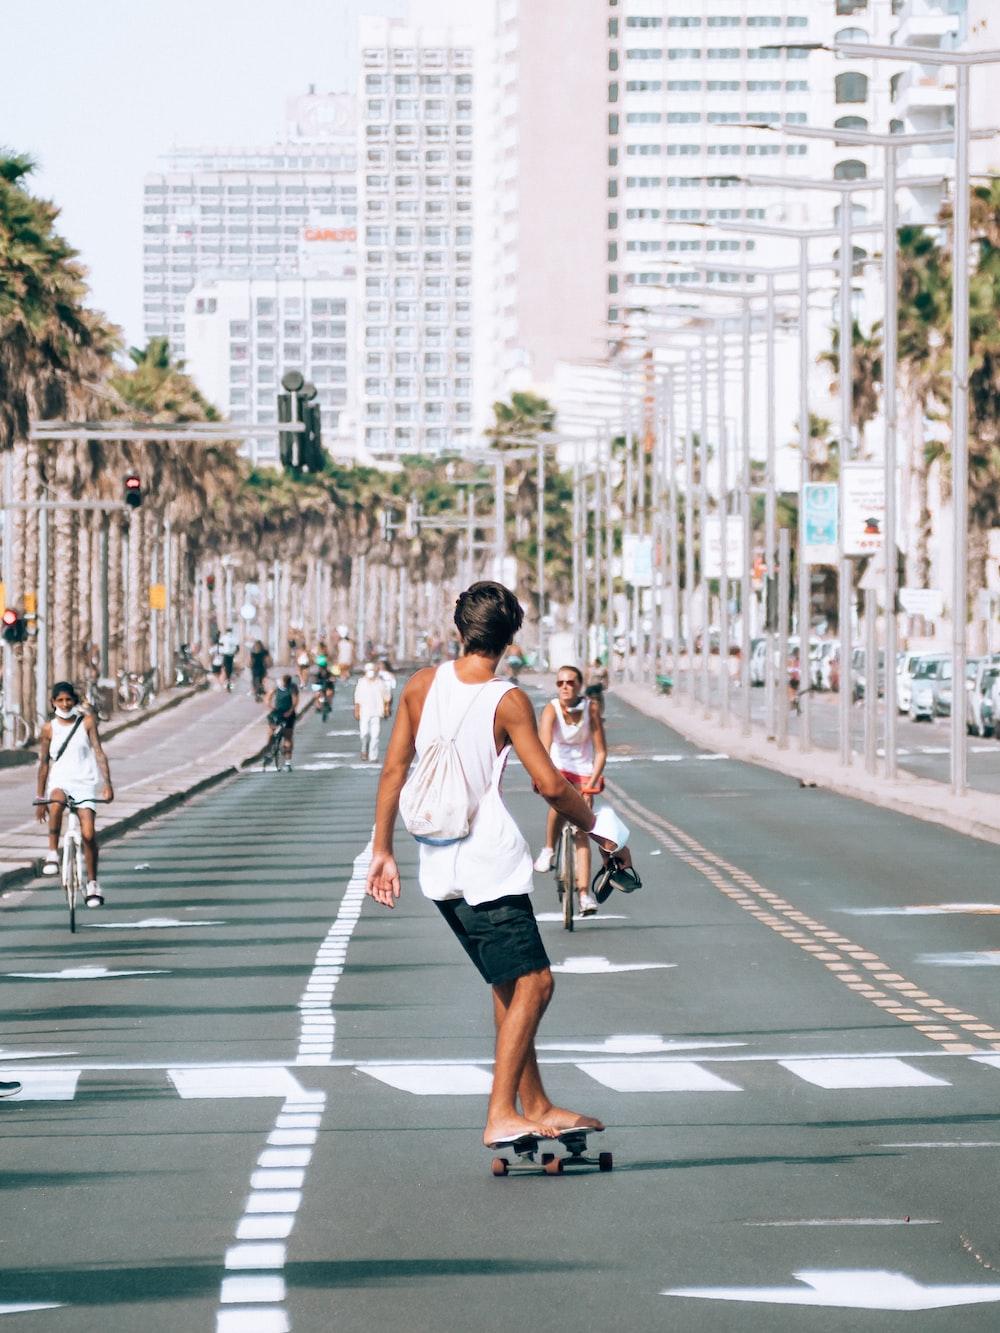 man in white tank top and black shorts running on pedestrian lane during daytime